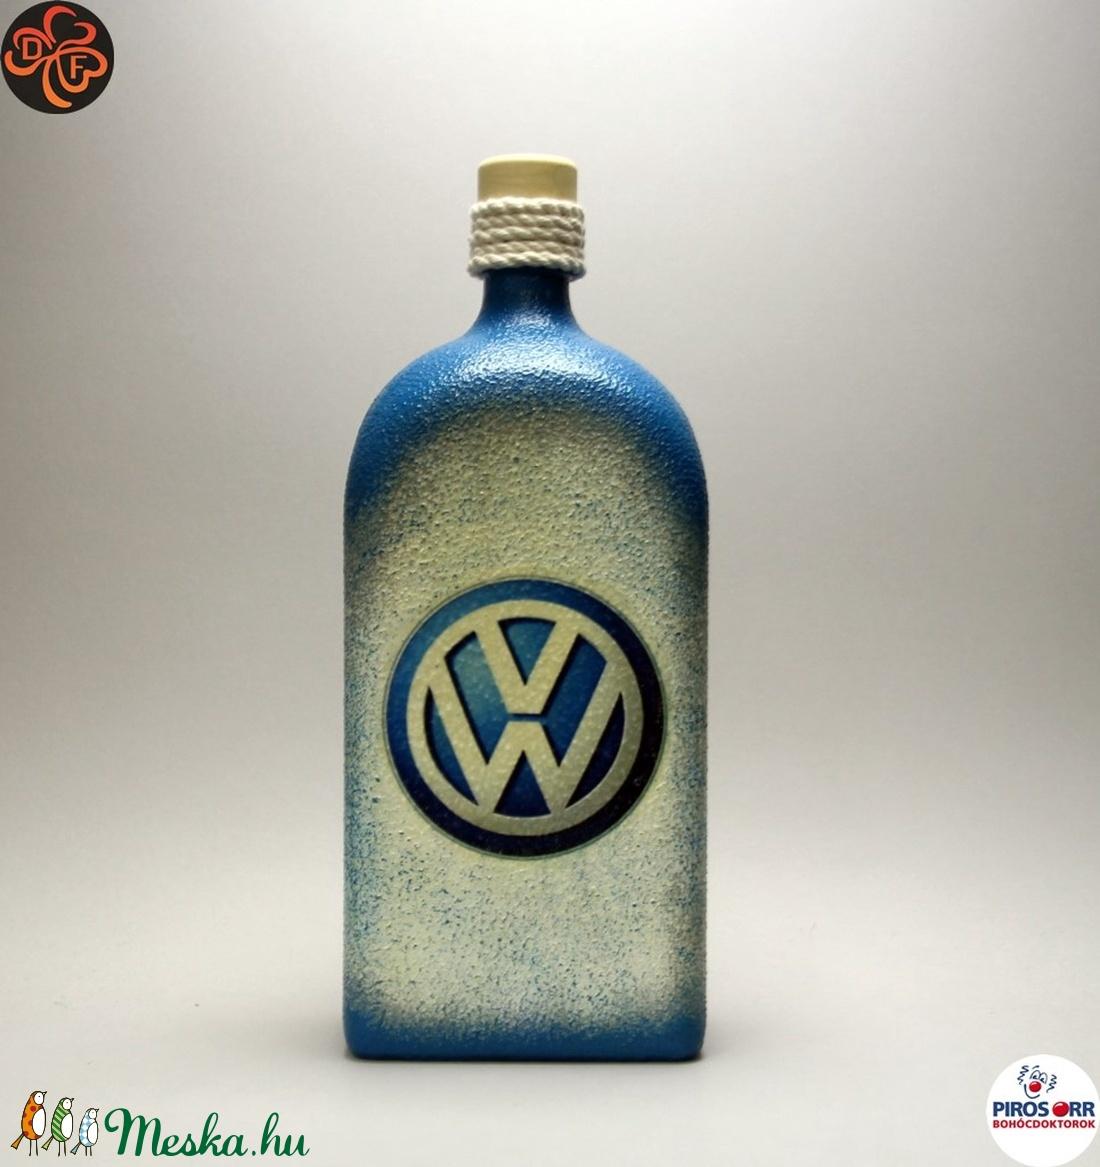 VOLKSWAGEN pálinkás üveg ; Volkswagen autód fényképével is! (decorfantasy) - Meska.hu